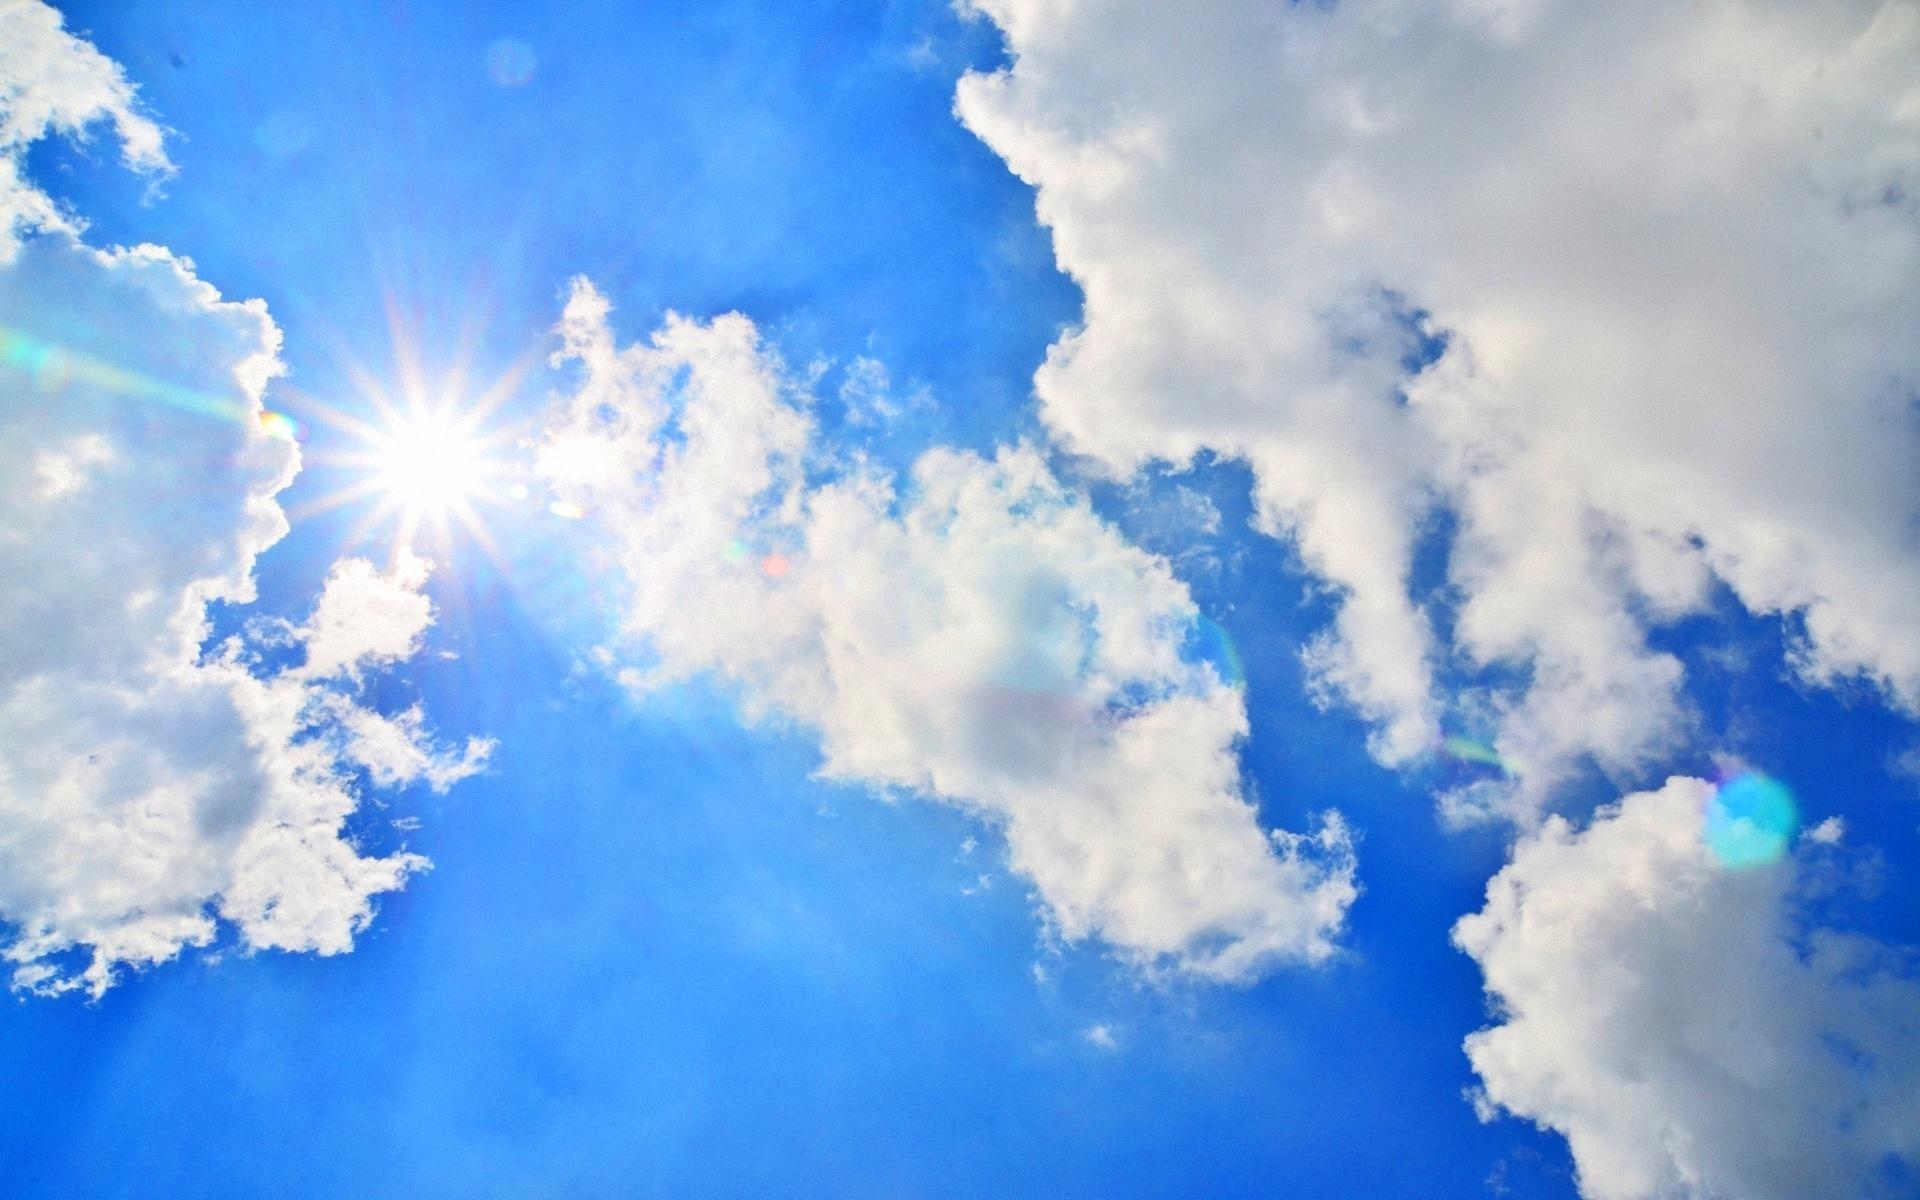 модель облака днем на небе картинки поговорим